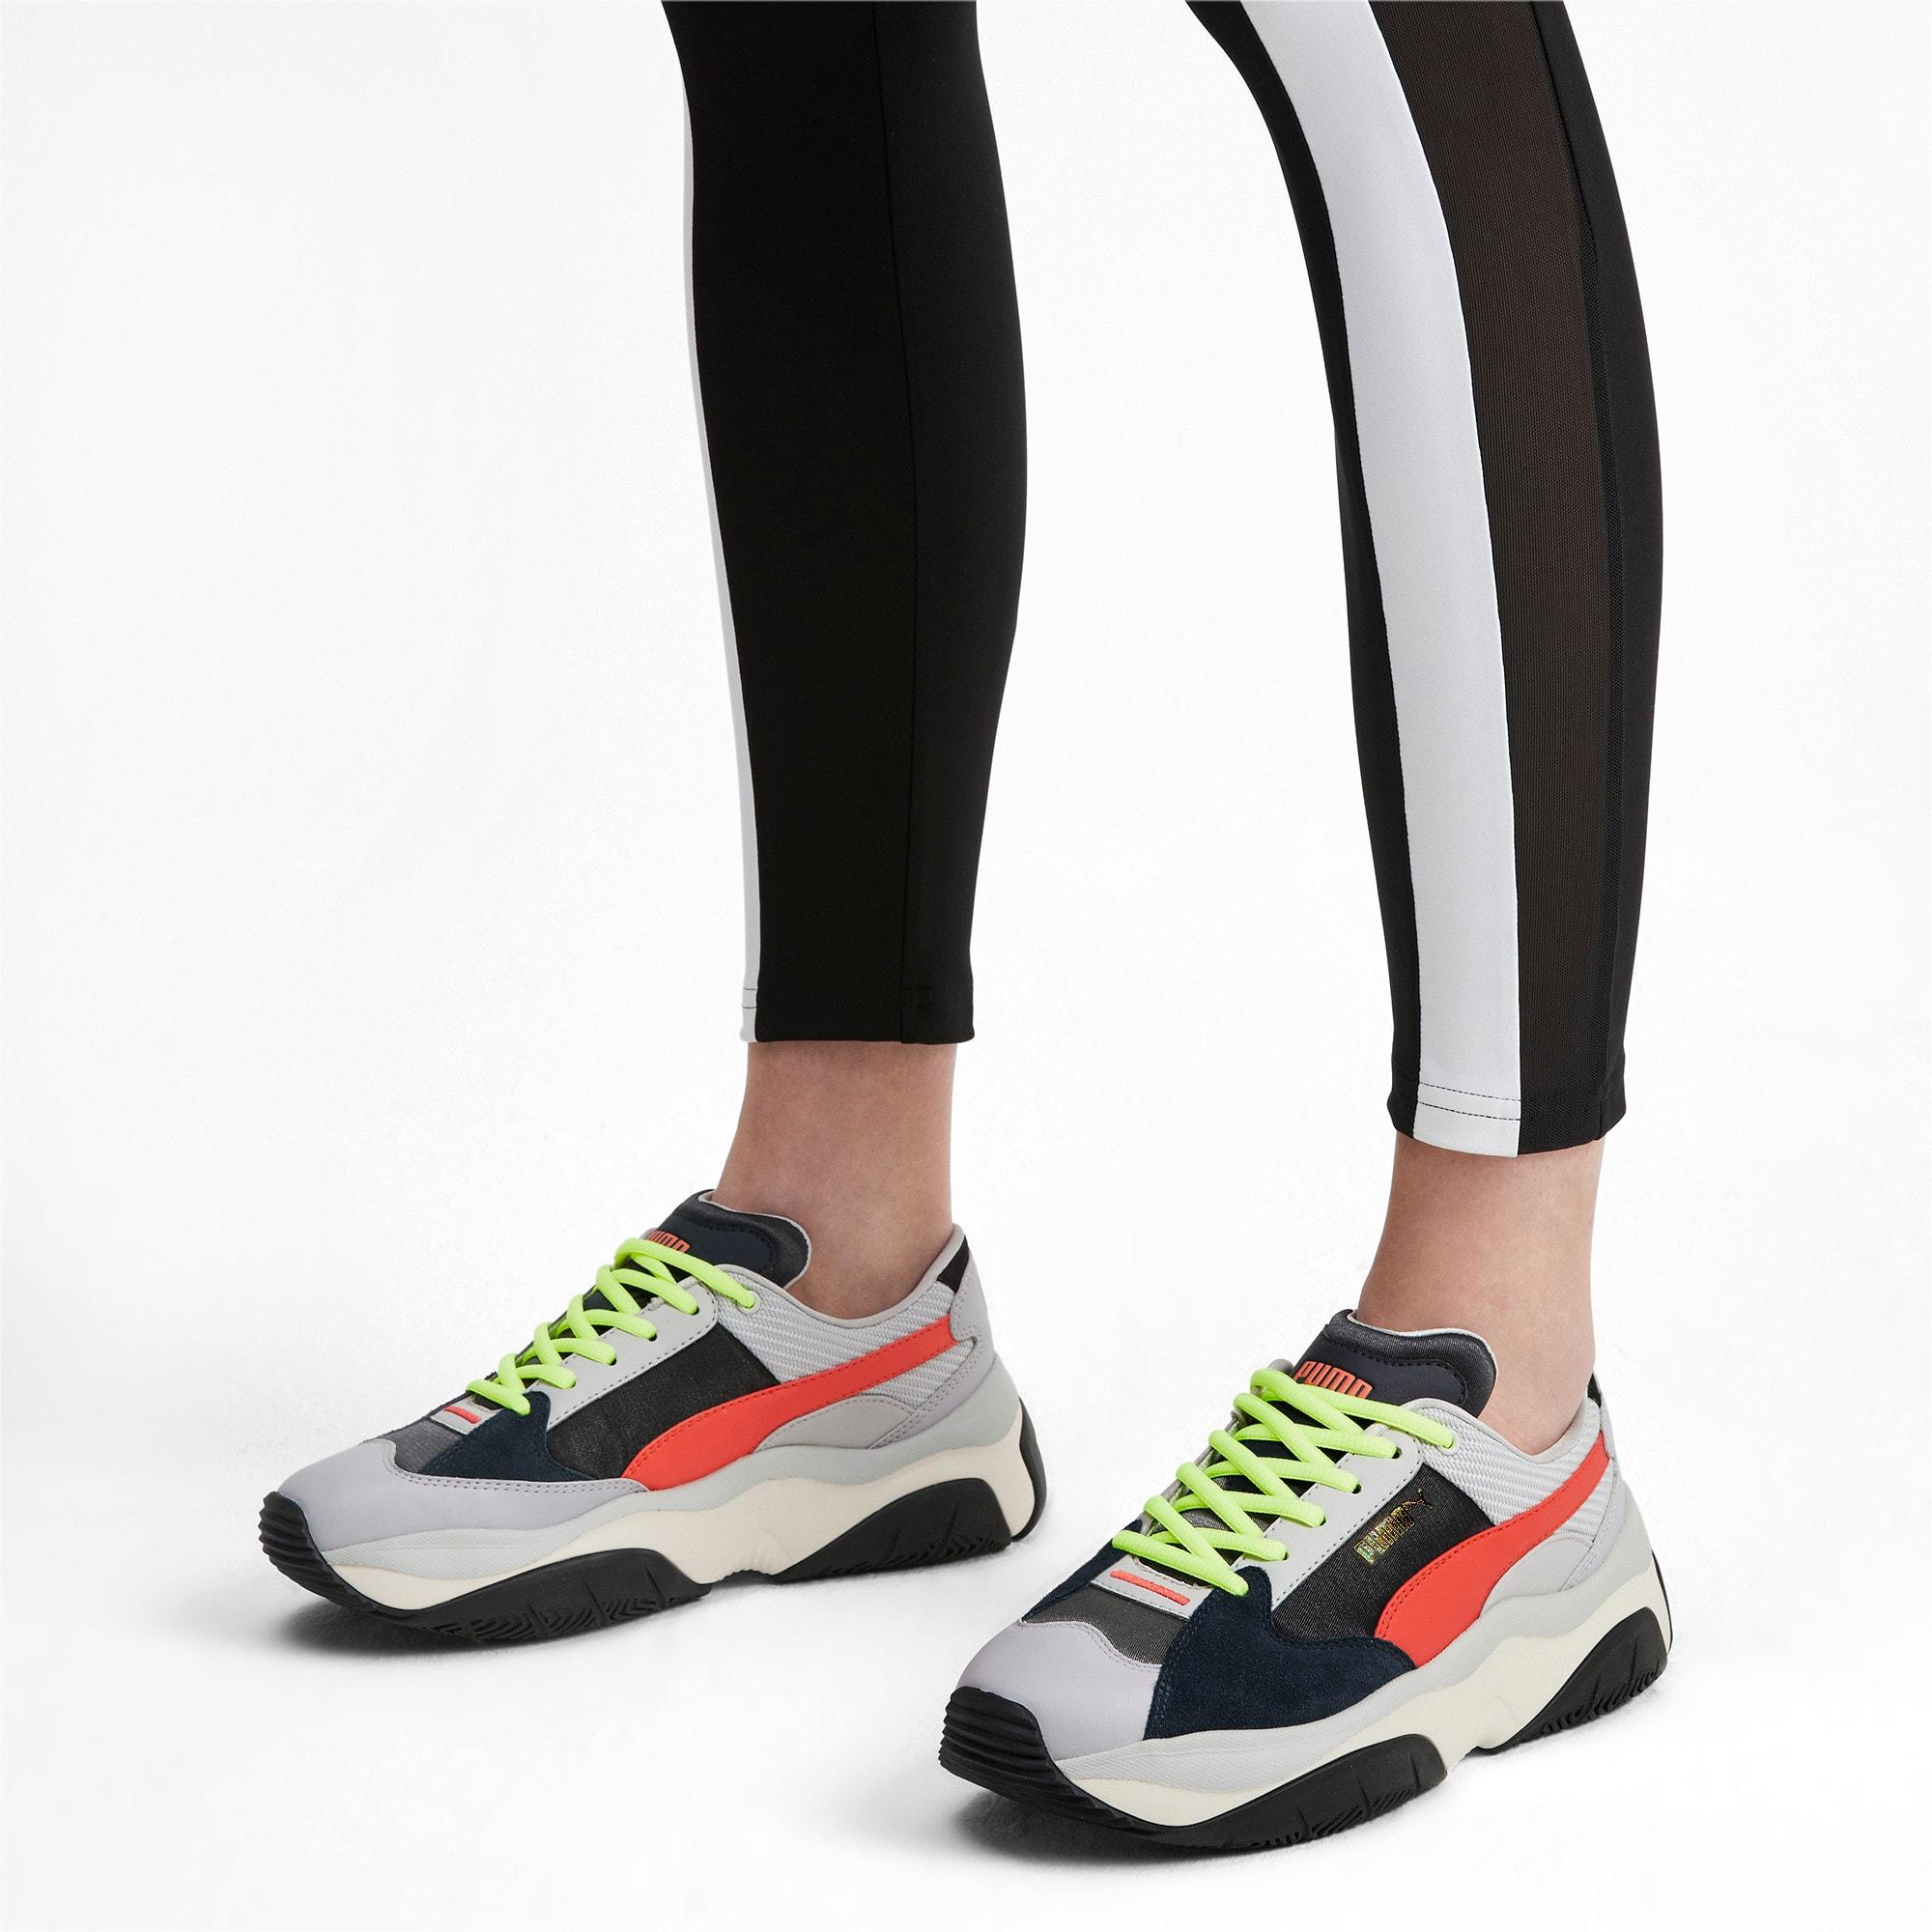 Imagen en miniatura 2 de Zapatillas de mujer STORM.Y, Gray Violet, mediana